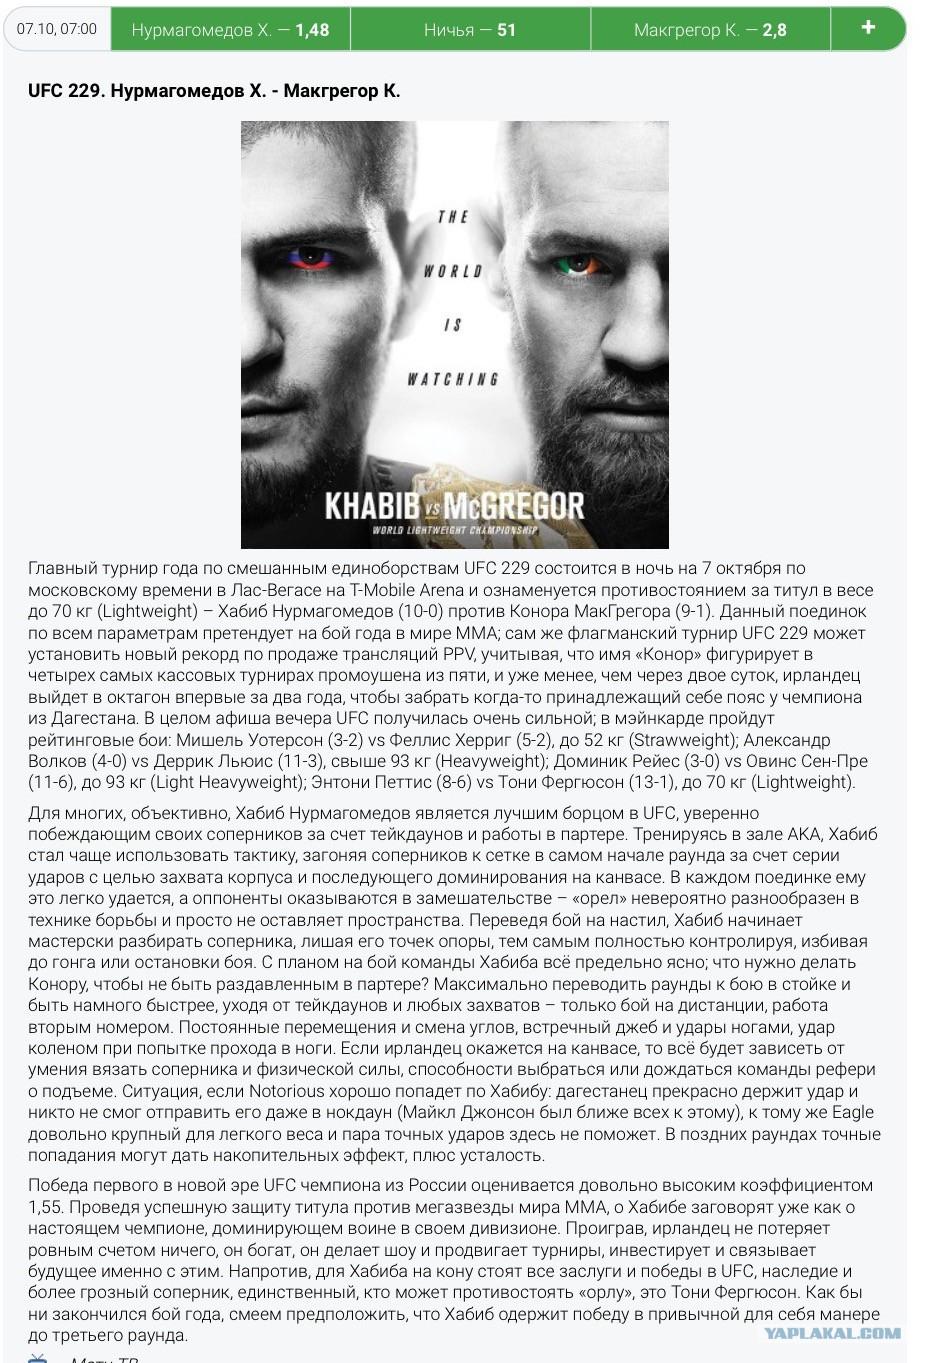 Нурмагомедов: Собираюсь заставить Макгрегора быть скромным